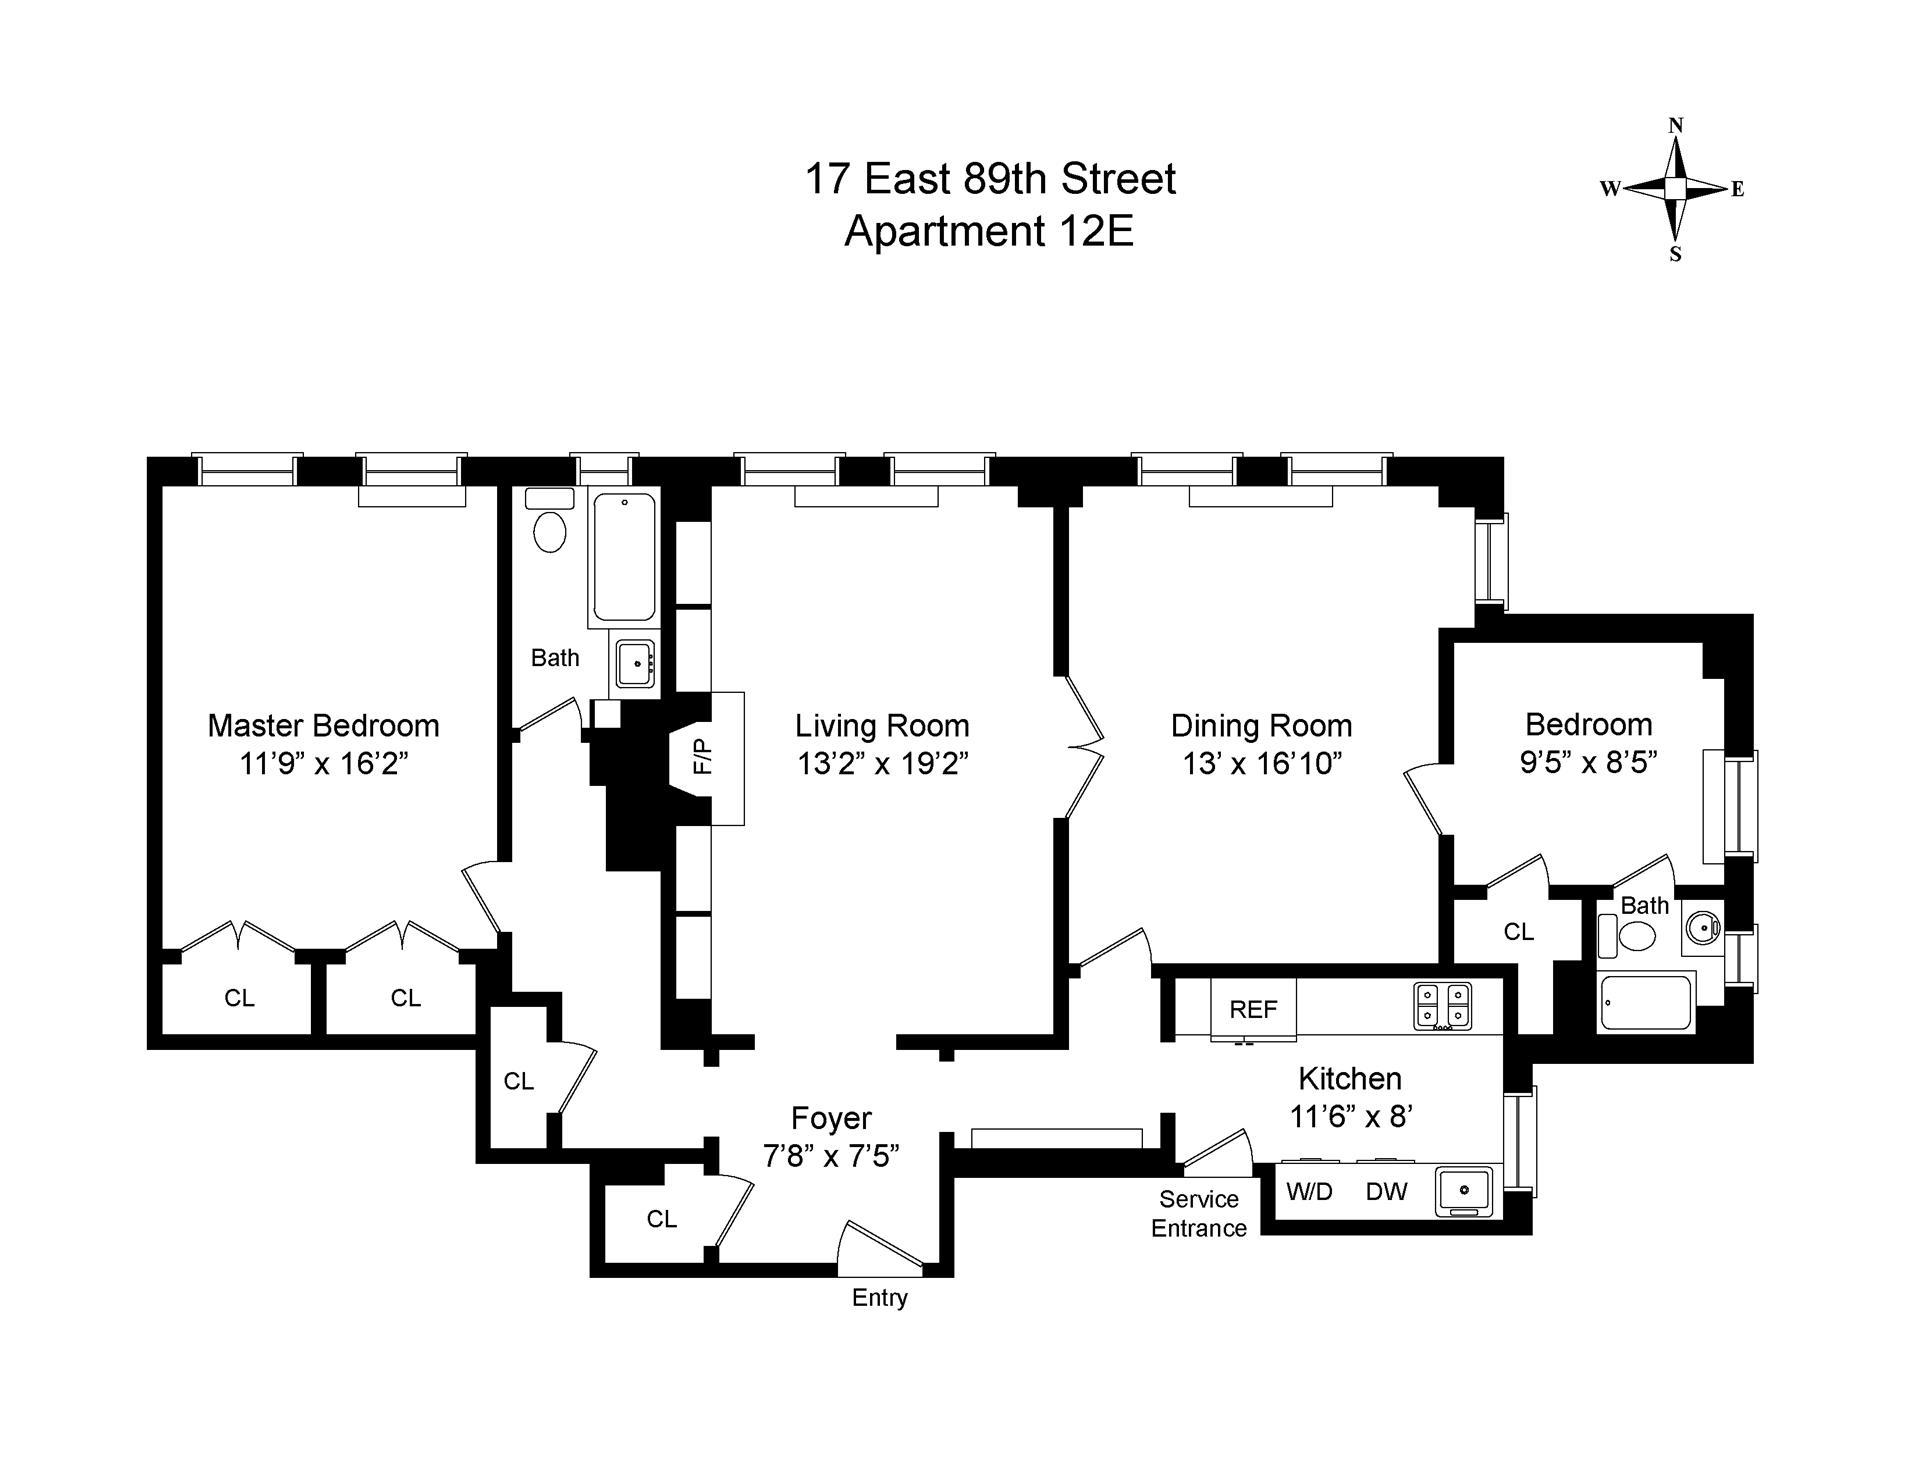 Floor plan of 17 East 89th St, 12E - Upper East Side, New York